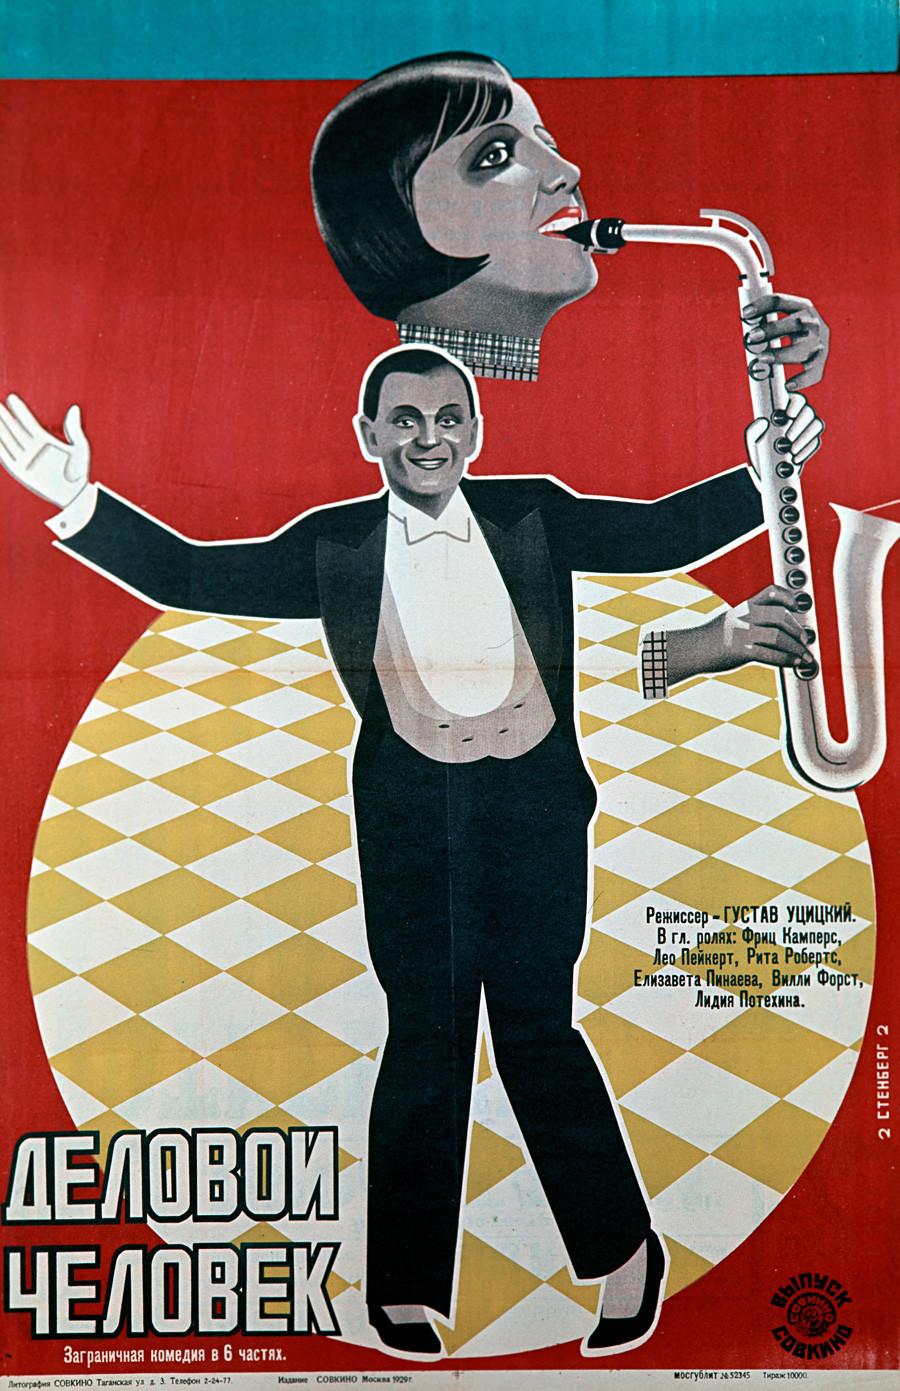 ロシア構成主義を代表するグラフィック・アーティスト、ステンベルグ兄弟が再版した映画「ビジネスマン」の広告。1921年、ソヴキノ出版社。